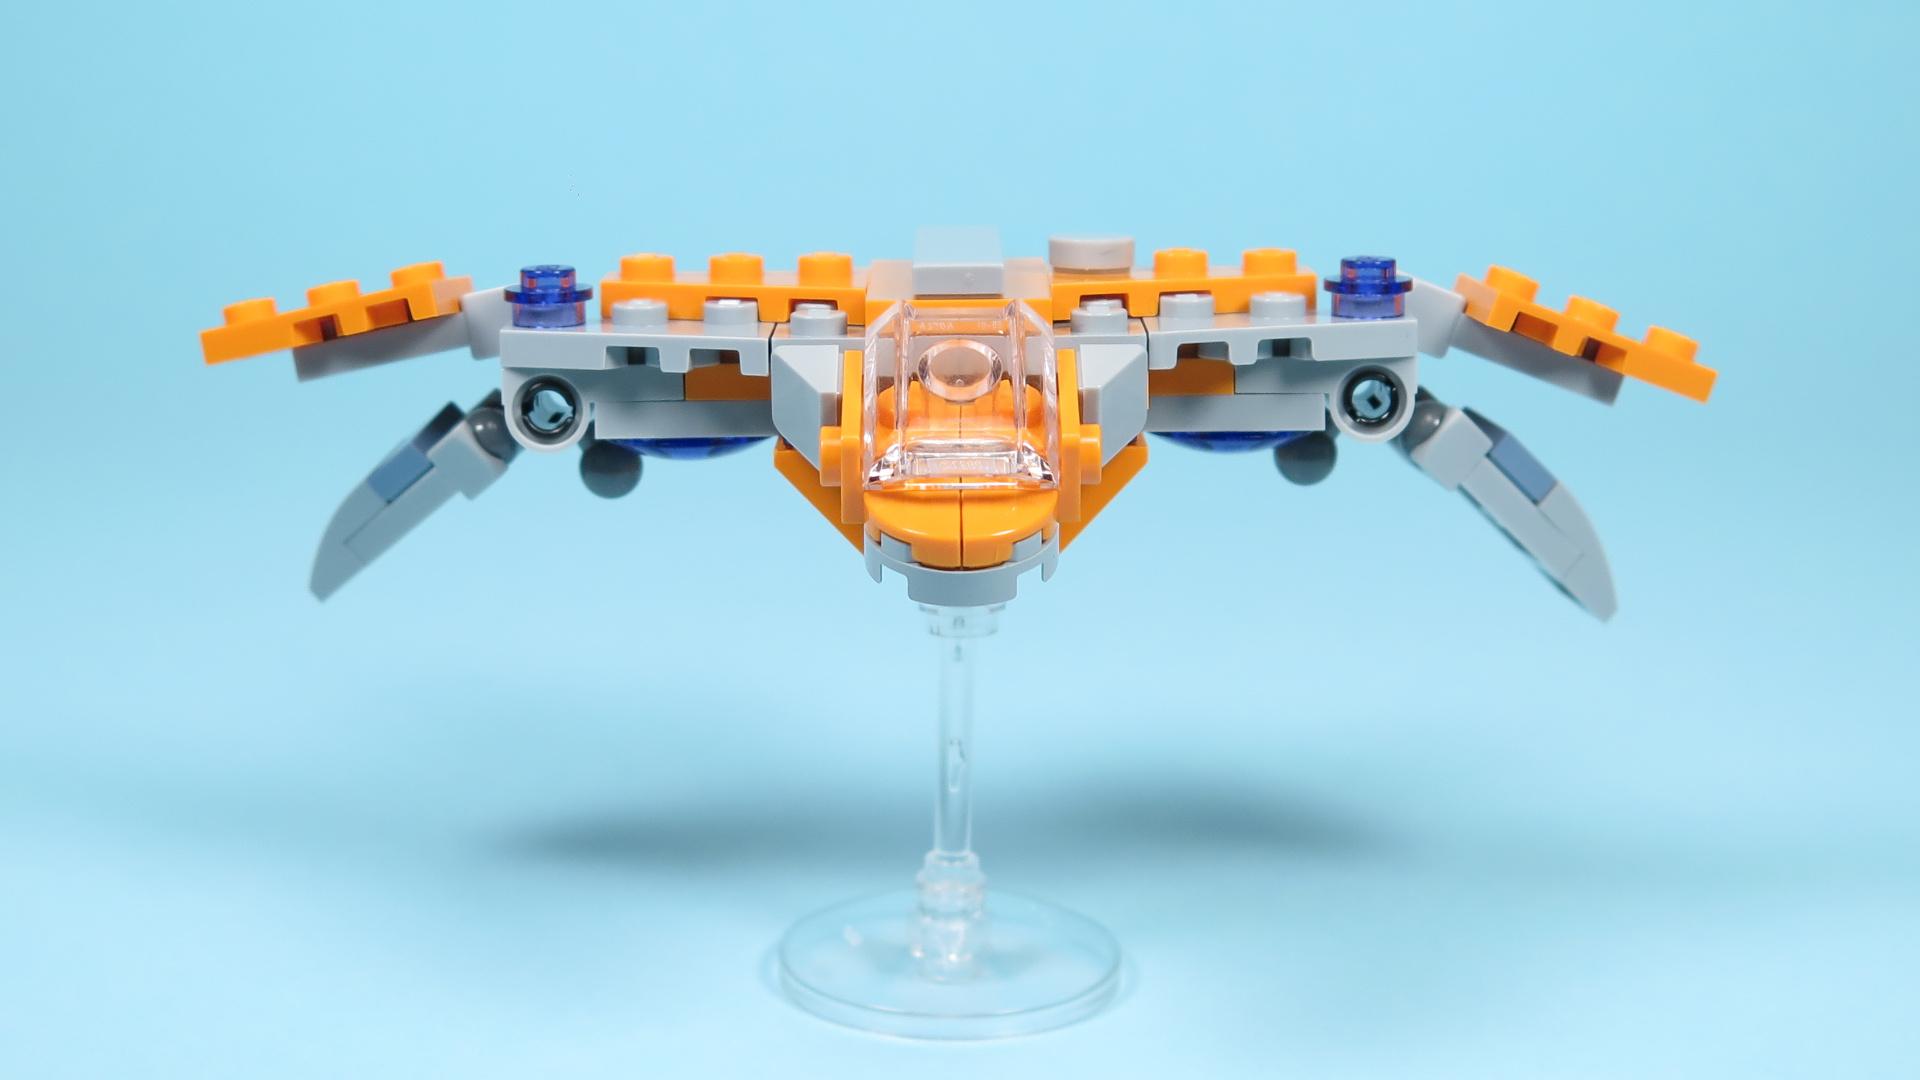 Wunderbar Lego Person Färbung Seite Ideen - Beispiel Wiederaufnahme ...